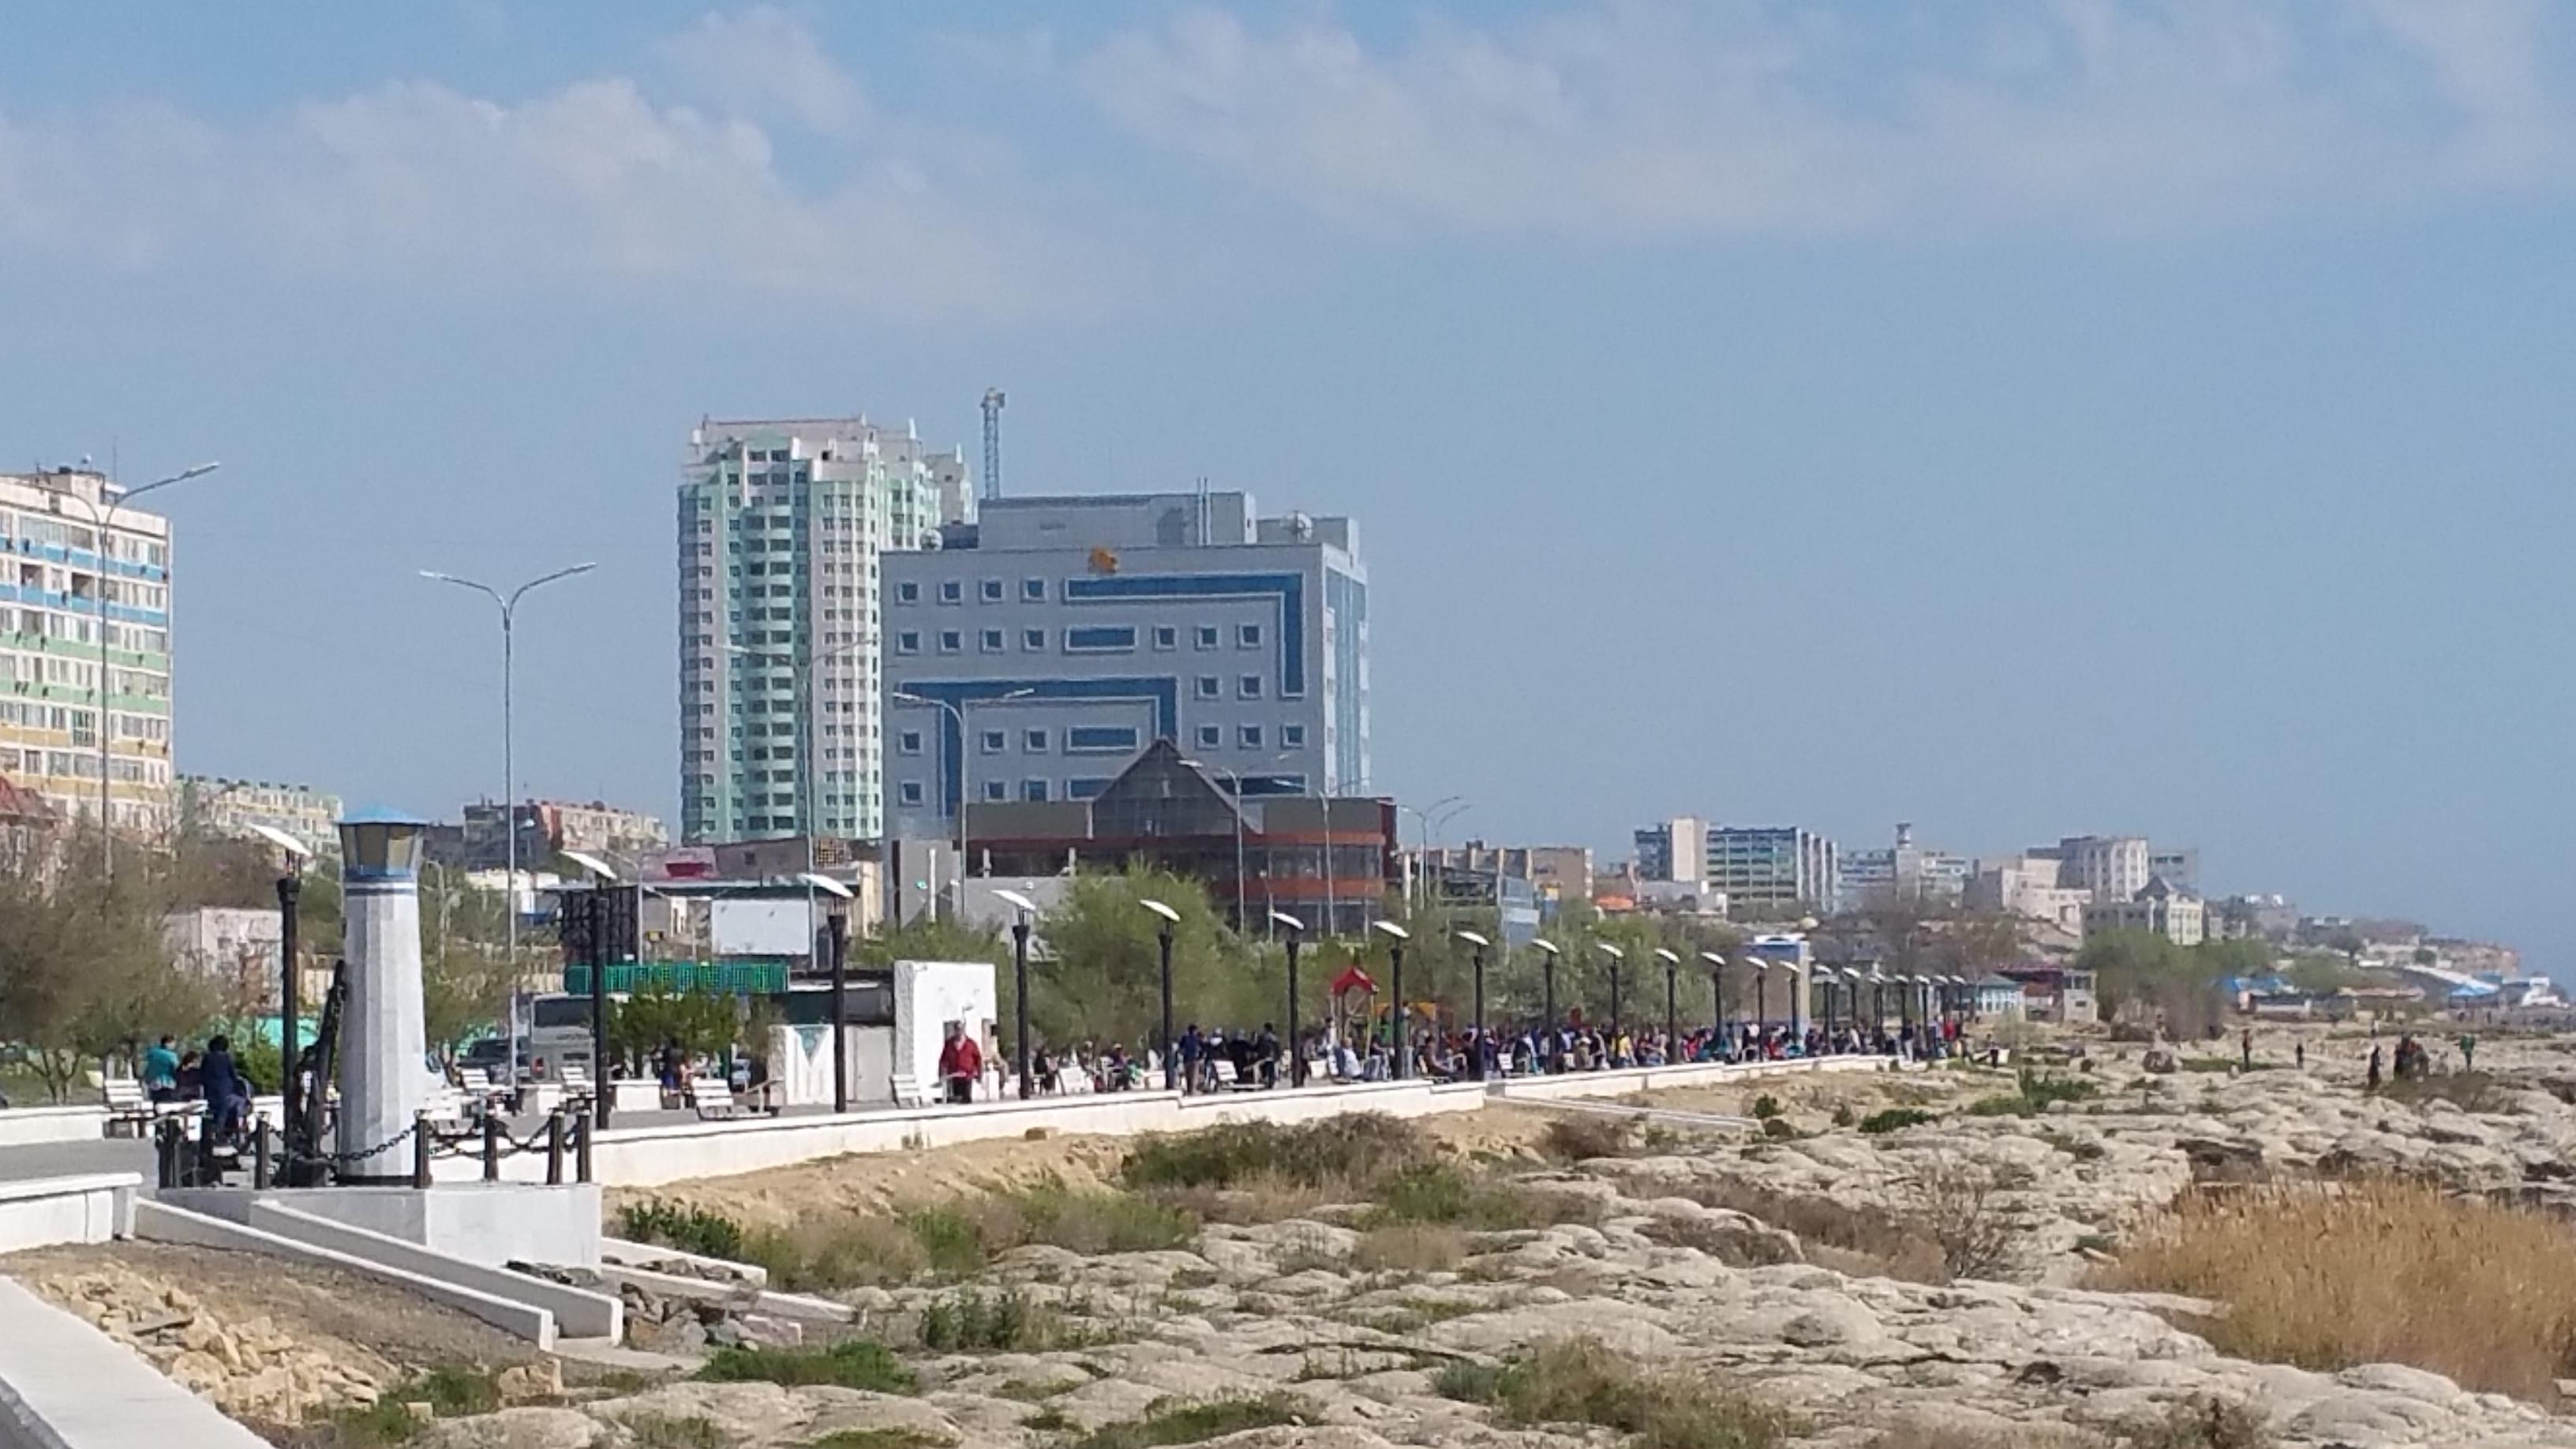 Aktau, Kazakhstan (May, 2015)